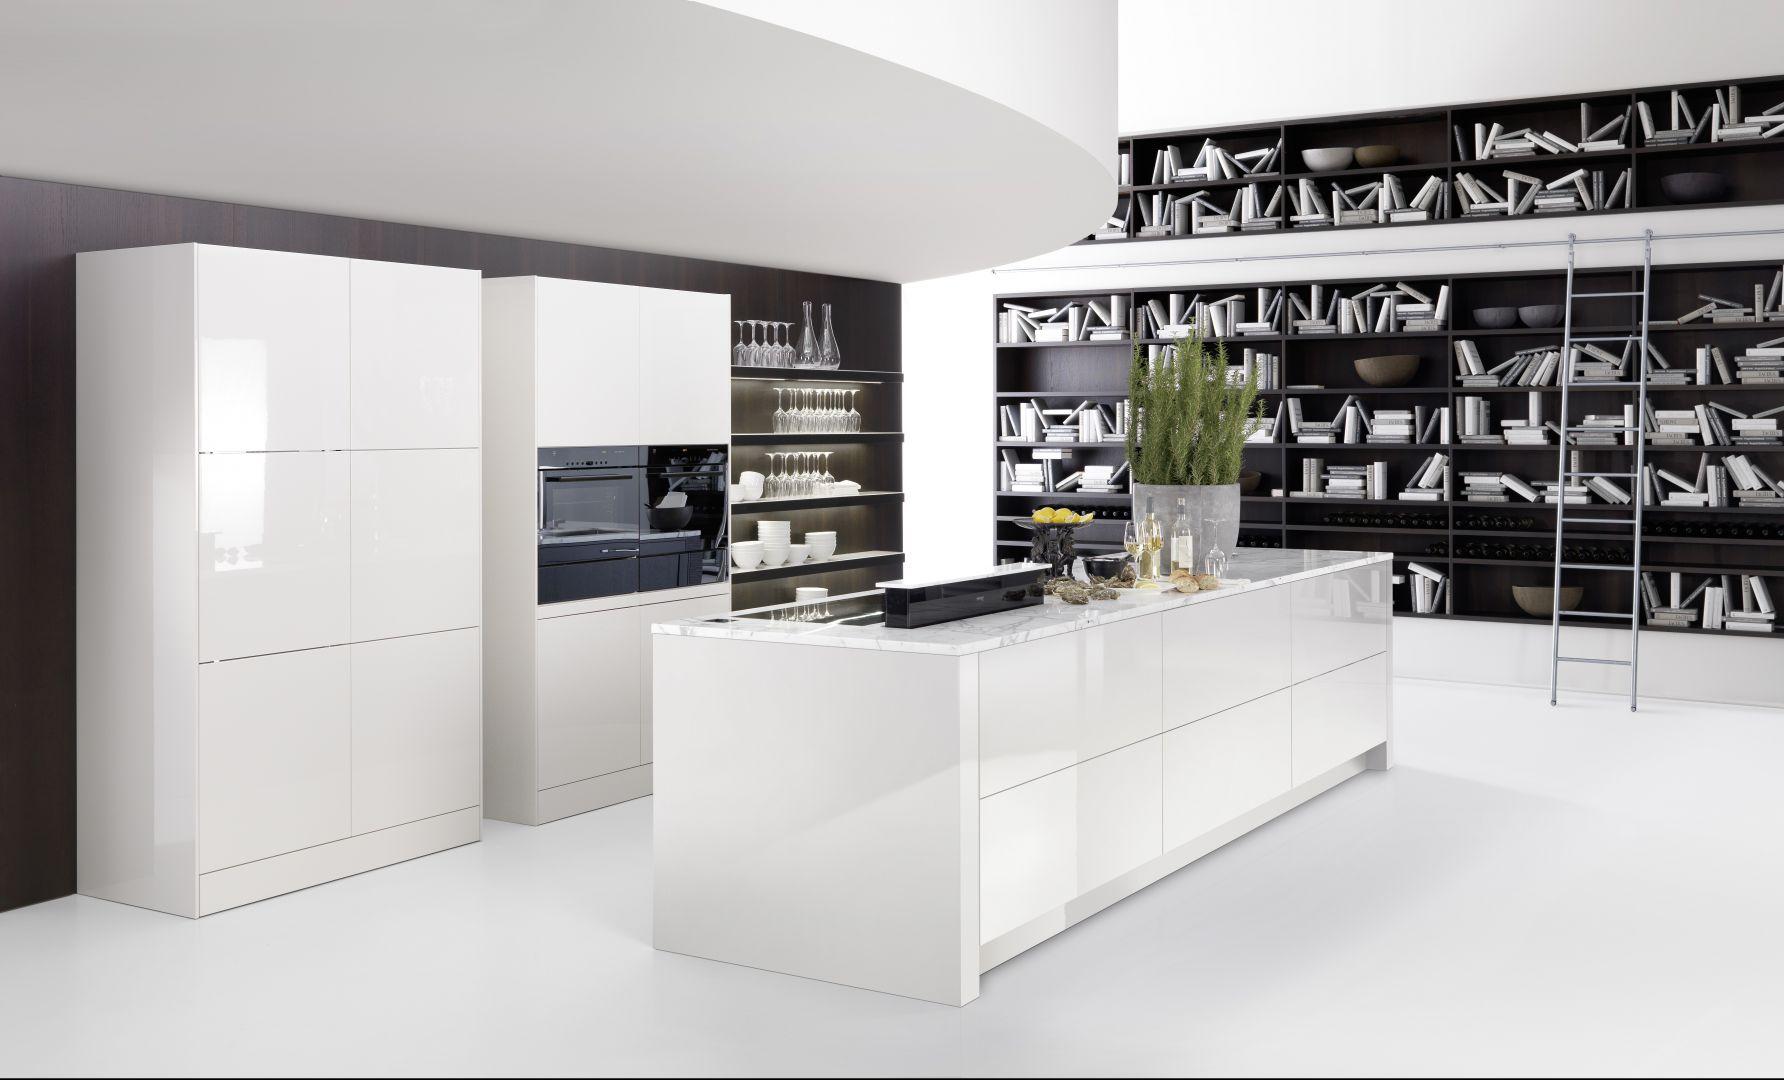 Kuchnię Cambia wyróżnia prostota i subtelny urok. Nawet urządzenia AGD takie jak okap czy lodówka, pozostają dyskretnie w tle. Fronty wykończone białym lakierem w połysku uzupełnia kamienny, stylowy blat z lekkim wzorem. Otwarta półka zapewnia miejsce na ekspozycję dekoracyjnych elementów wyposażenia. Wycena indywidualna, Rational.